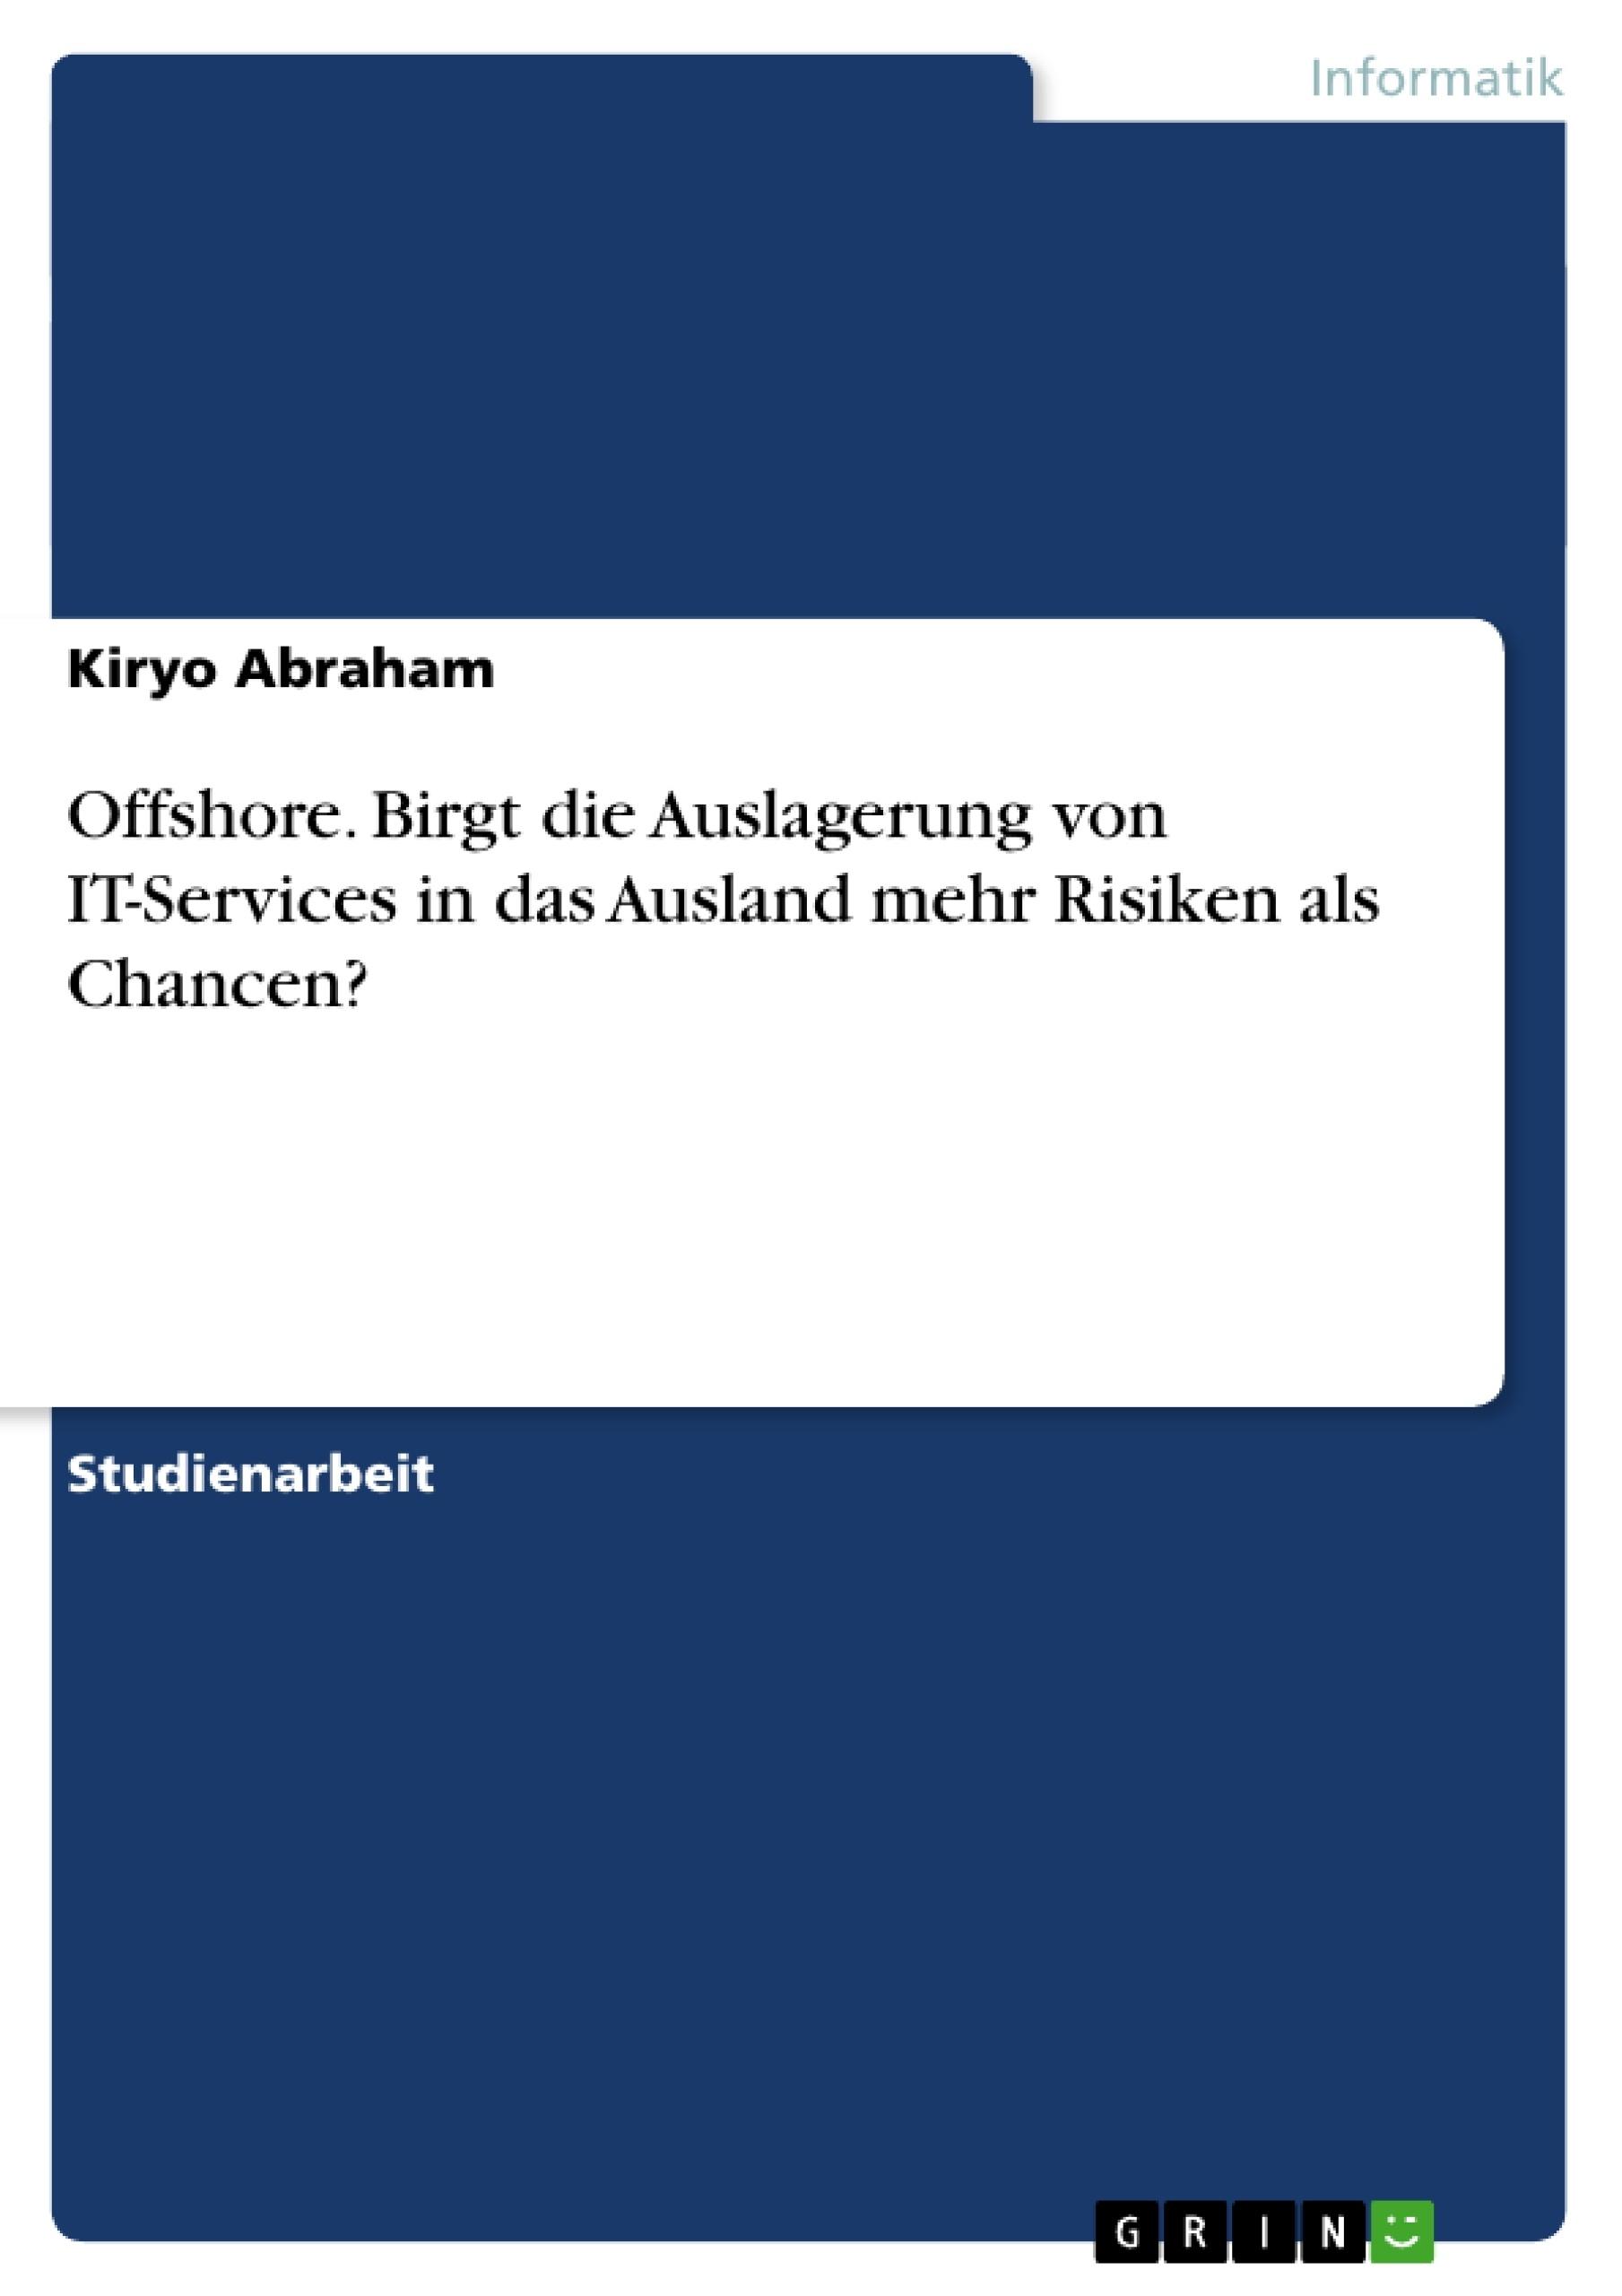 Titel: Offshore. Birgt die Auslagerung von IT-Services in das Ausland mehr Risiken als Chancen?